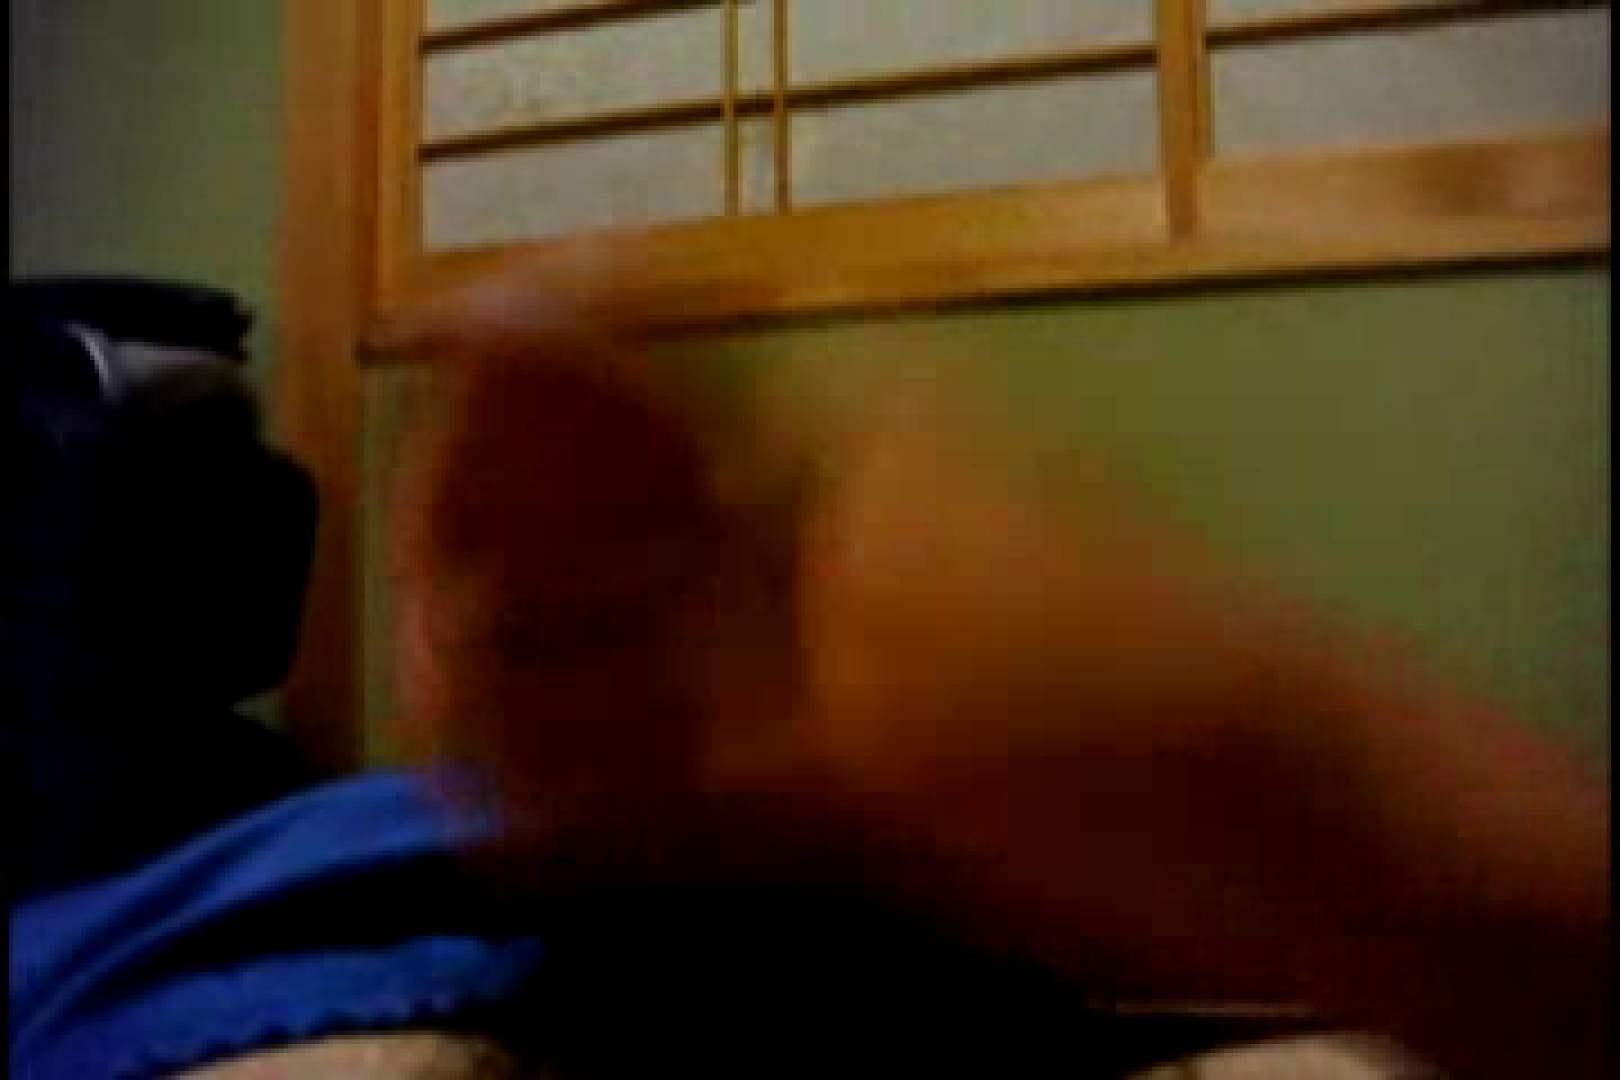 オナ好きノンケテニス部員の自画撮り投稿vol.02 射精特集 ゲイフリーエロ画像 77枚 5